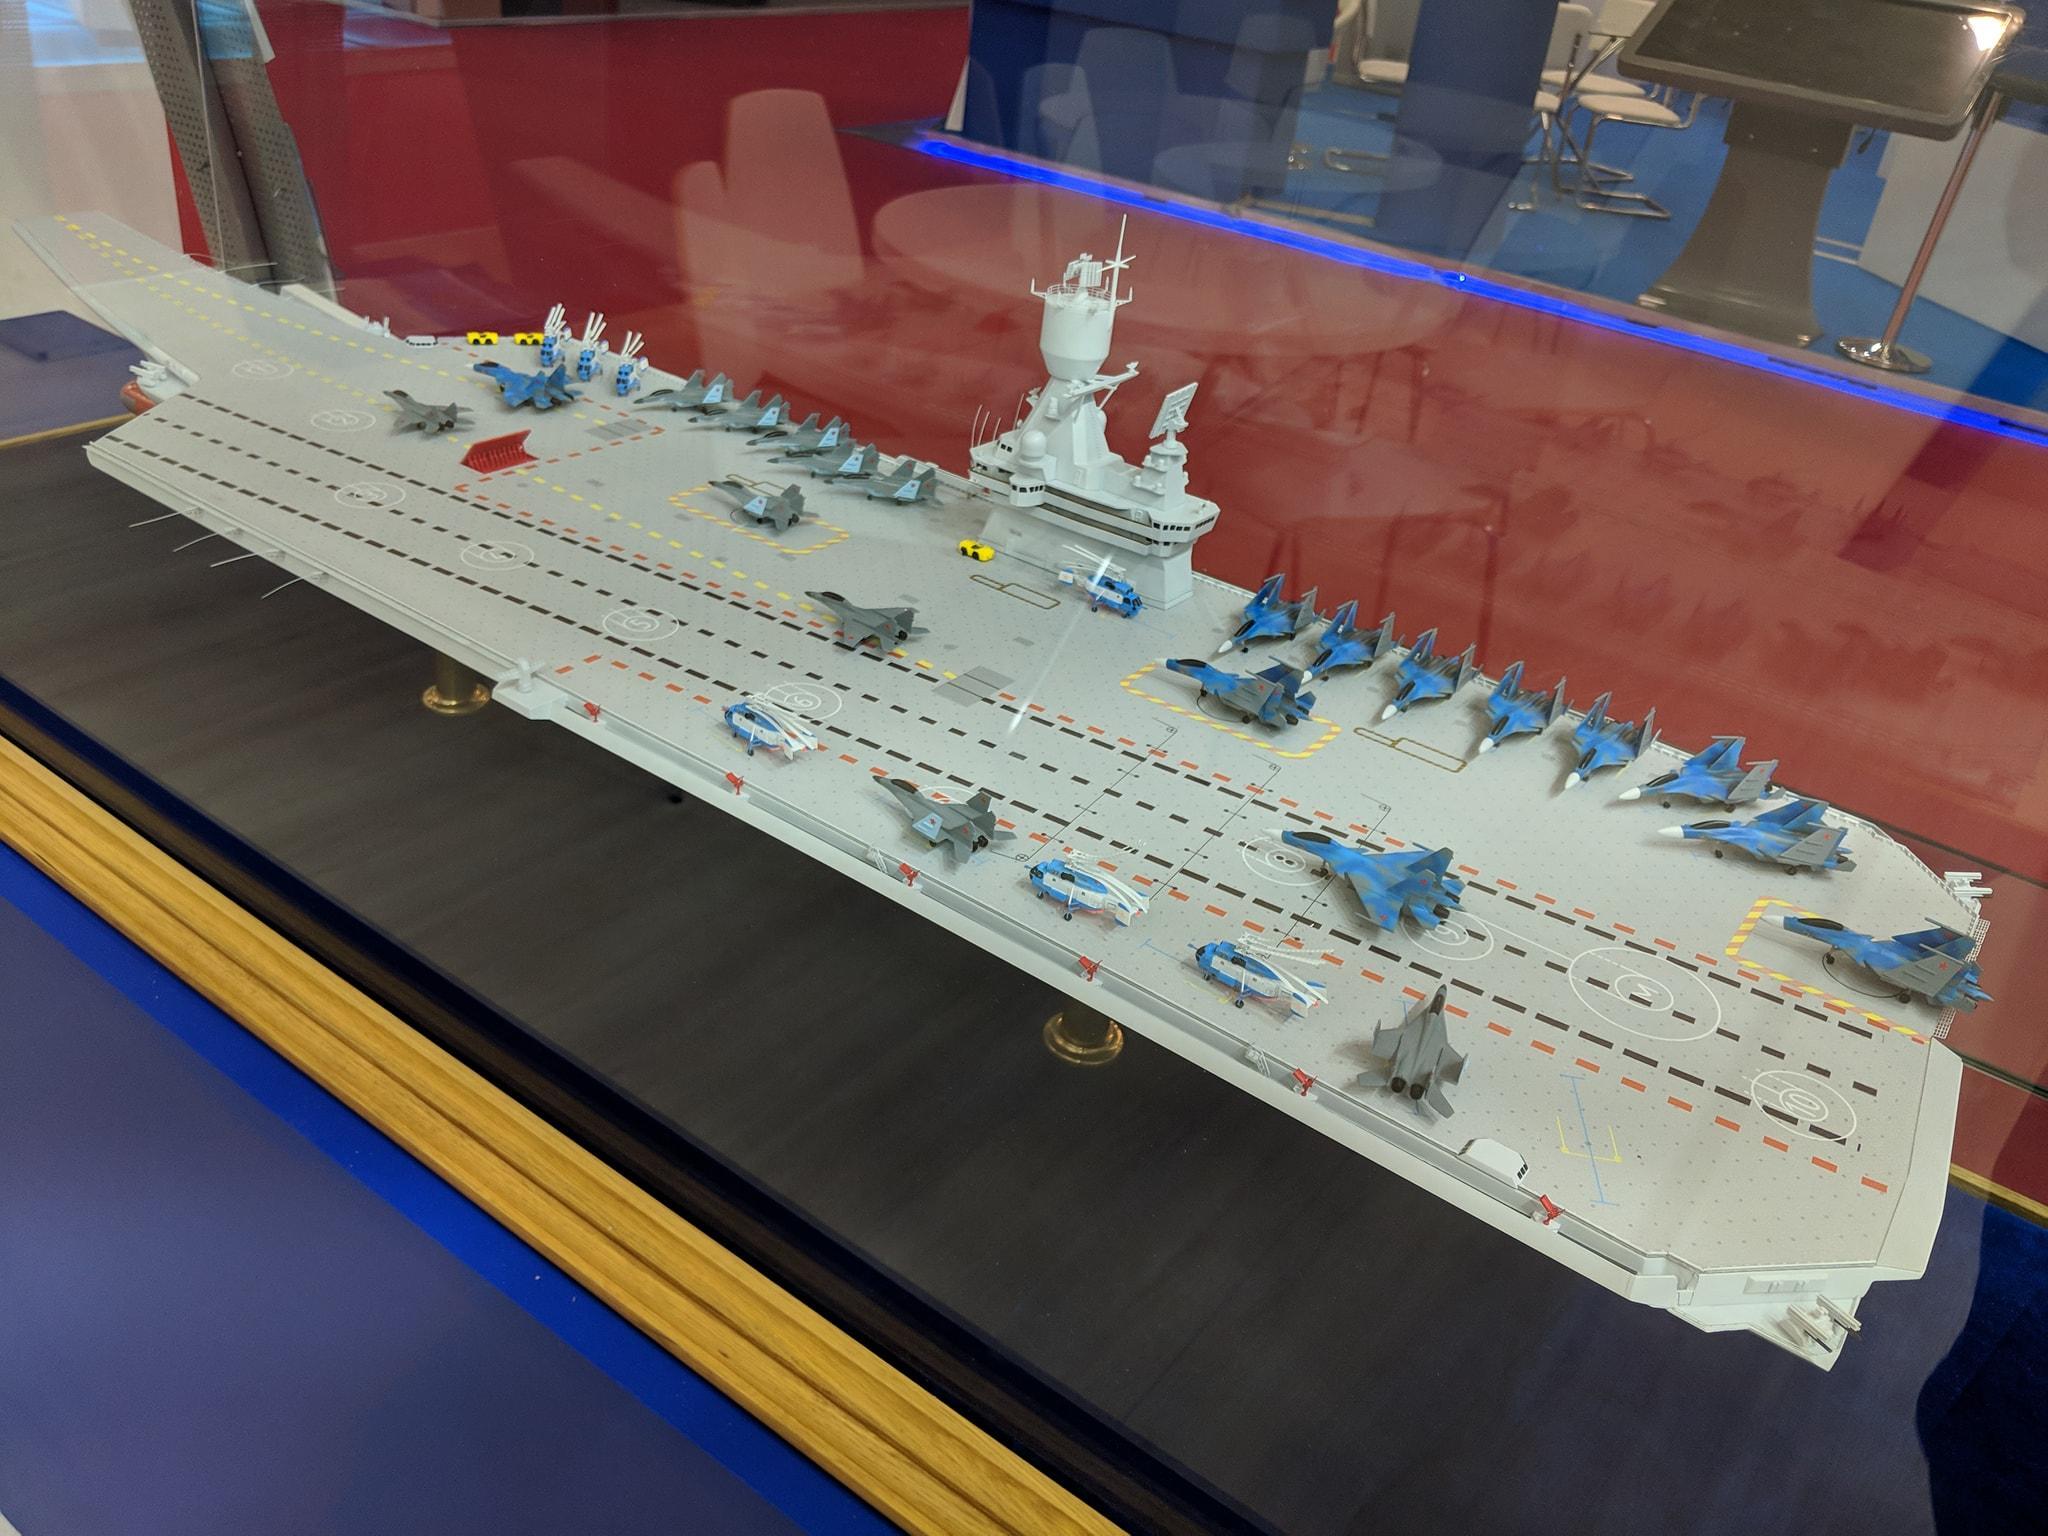 054AE护卫舰现身俄军展会 真要卖给俄罗斯了?